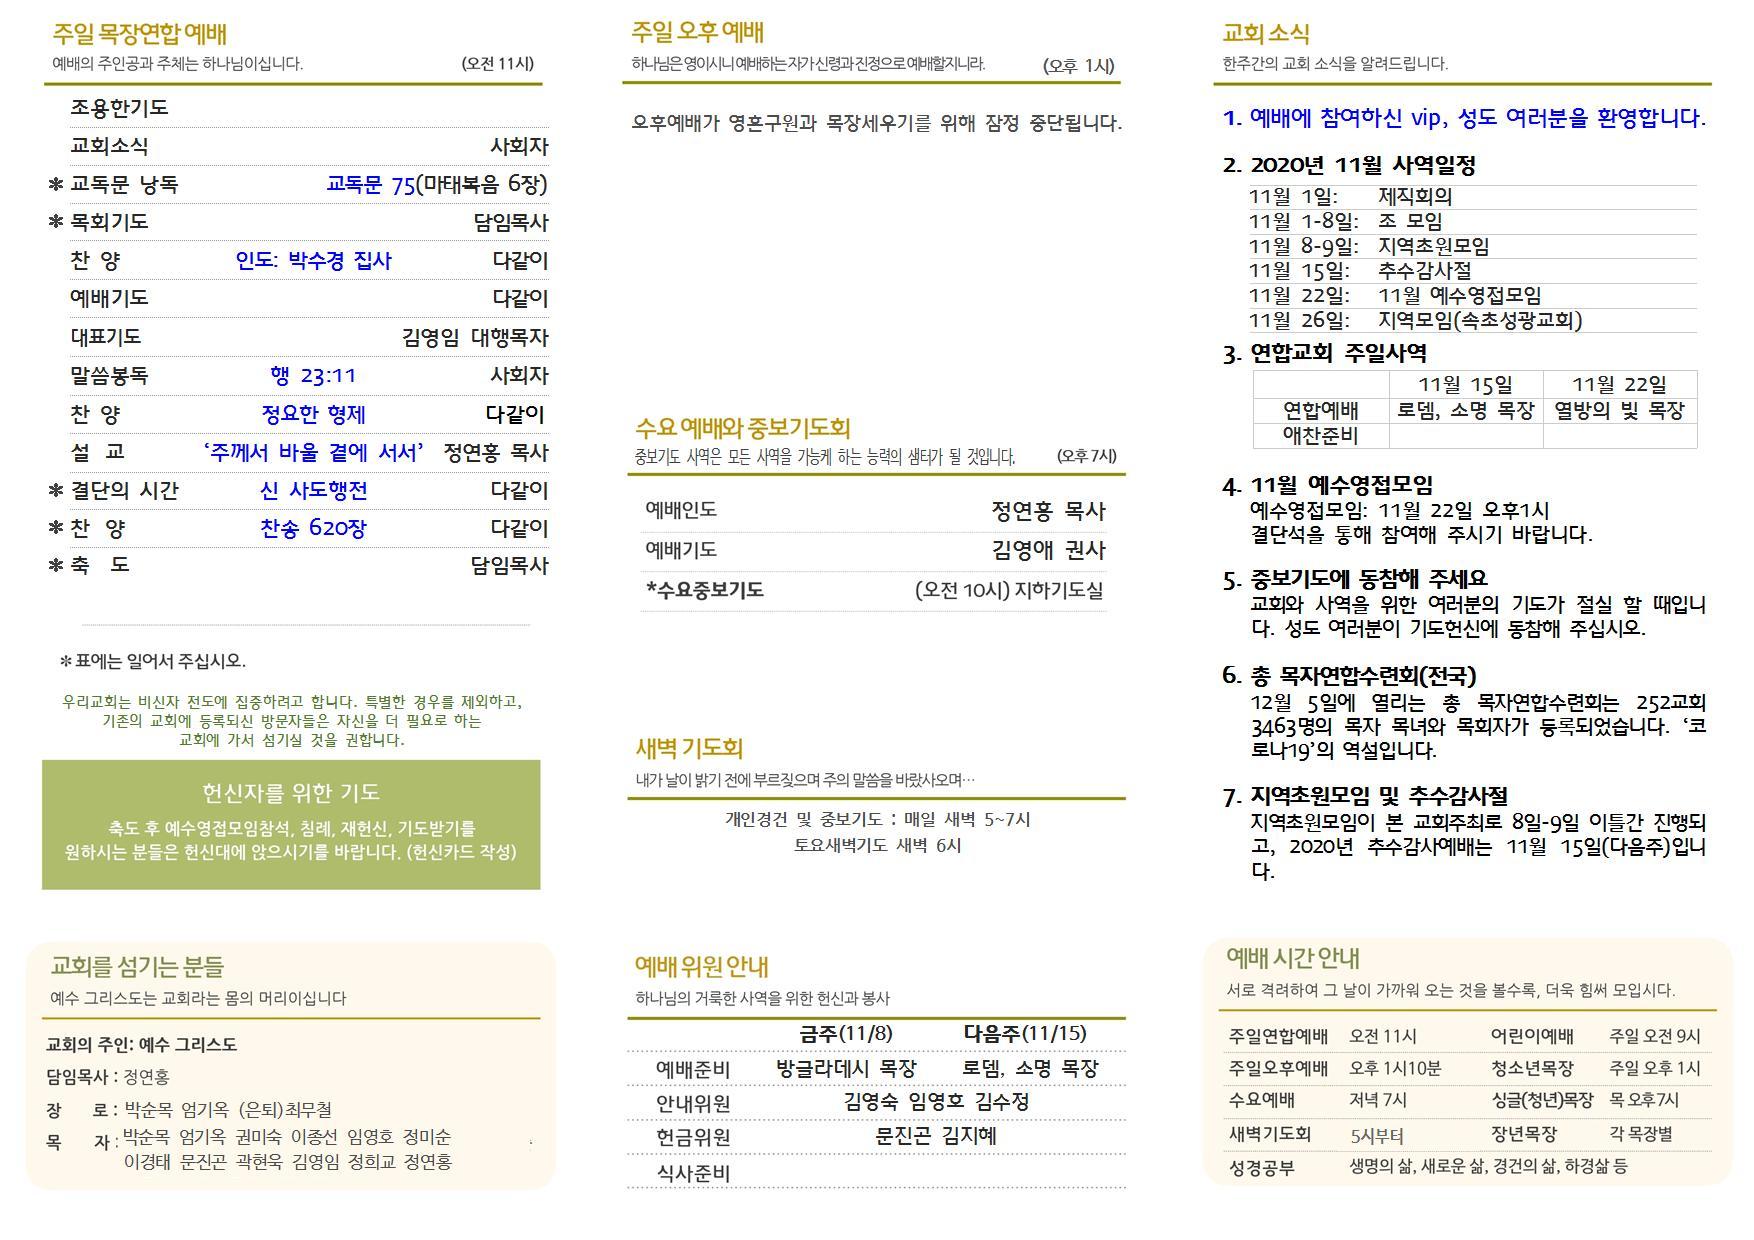 201108-1,2002.jpg